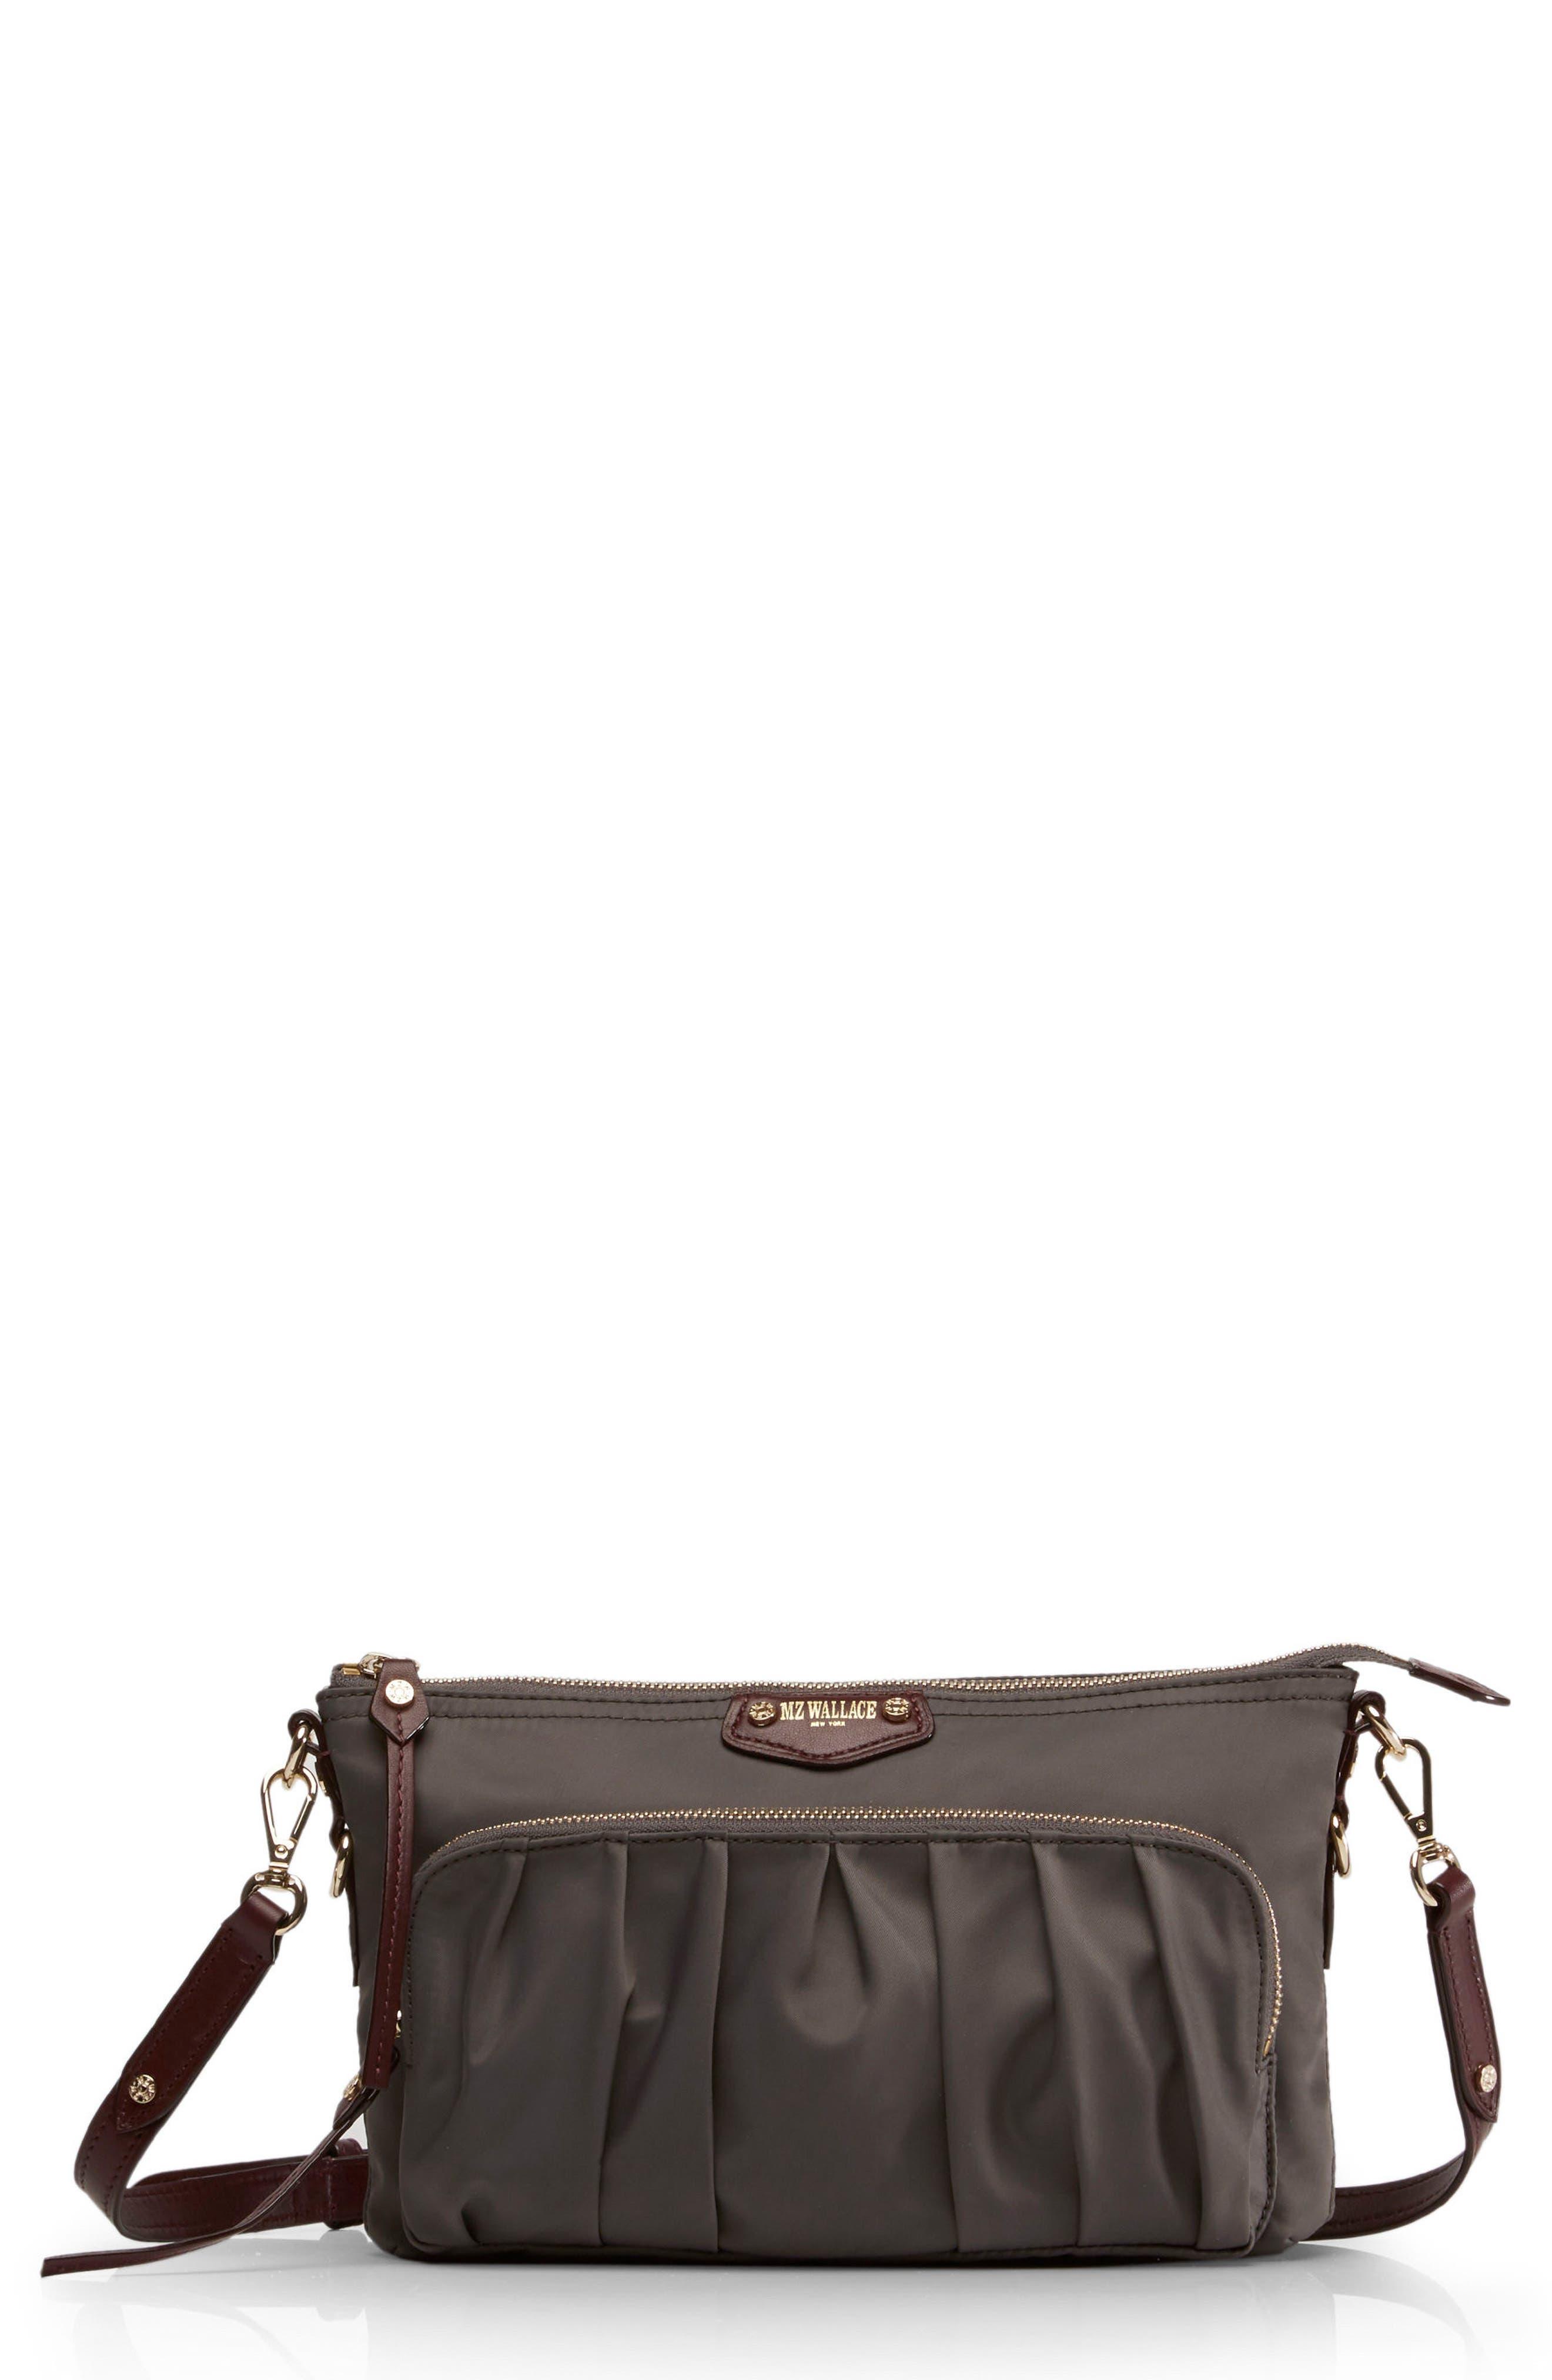 Toni Bedford Nylon Crossbody Bag,                             Main thumbnail 1, color,                             023